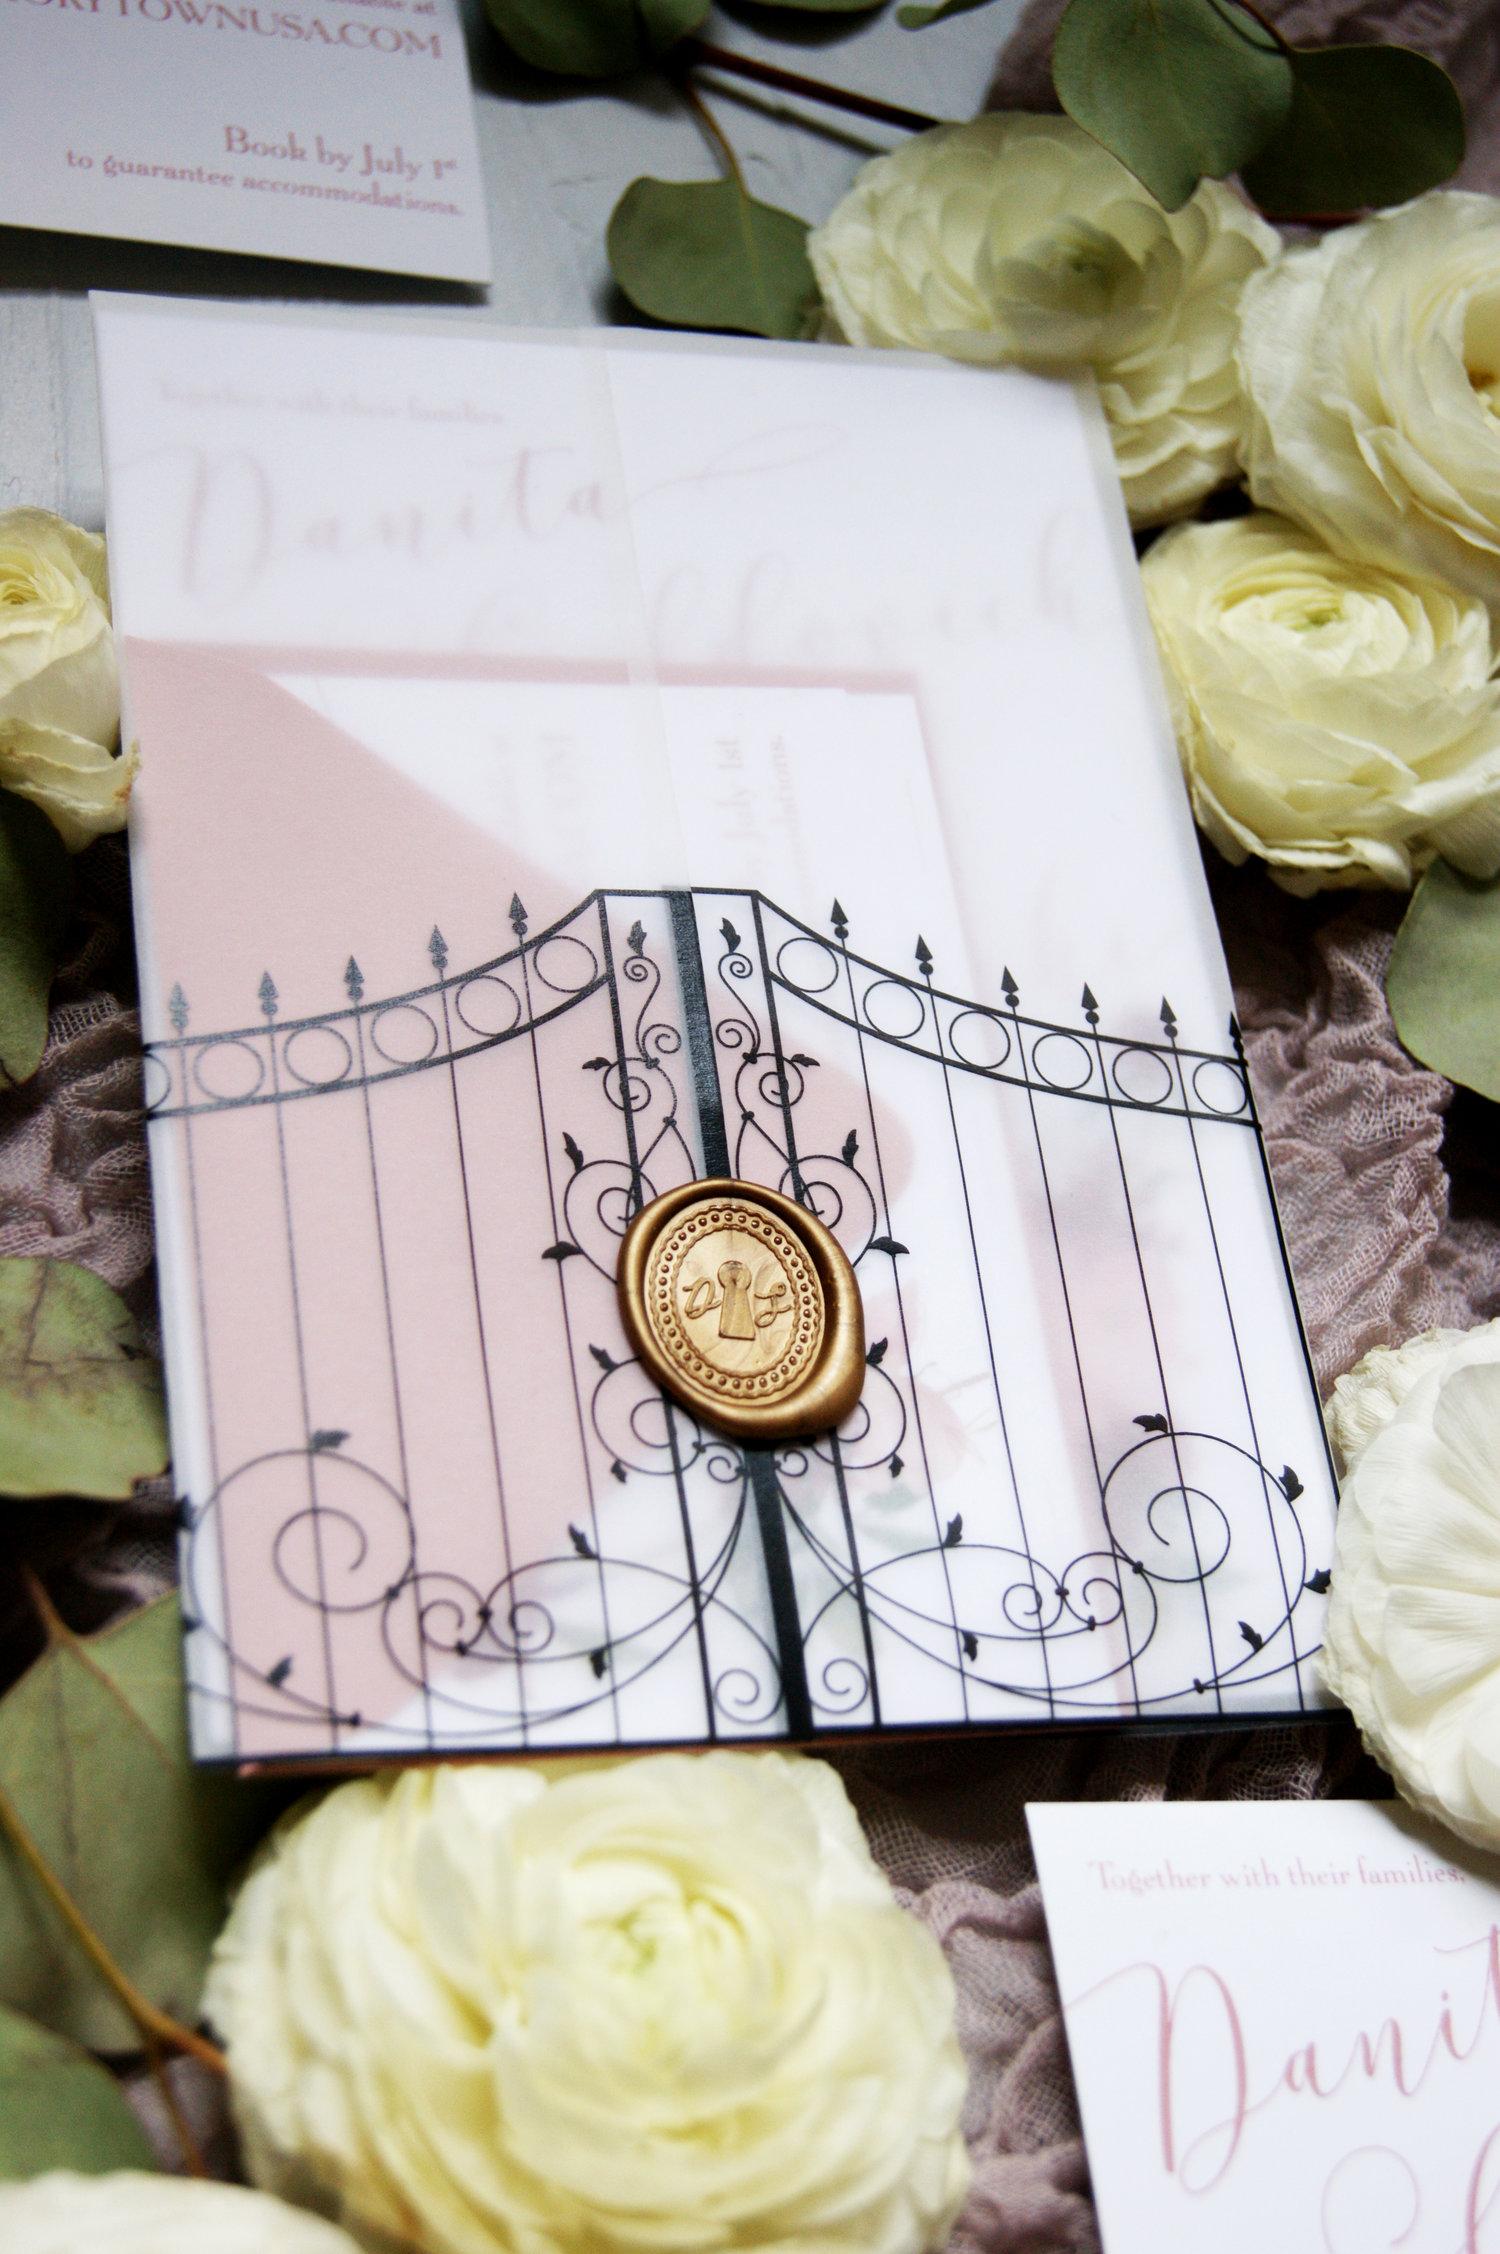 0625872d09a45 Pricing — Santina Amendola Design